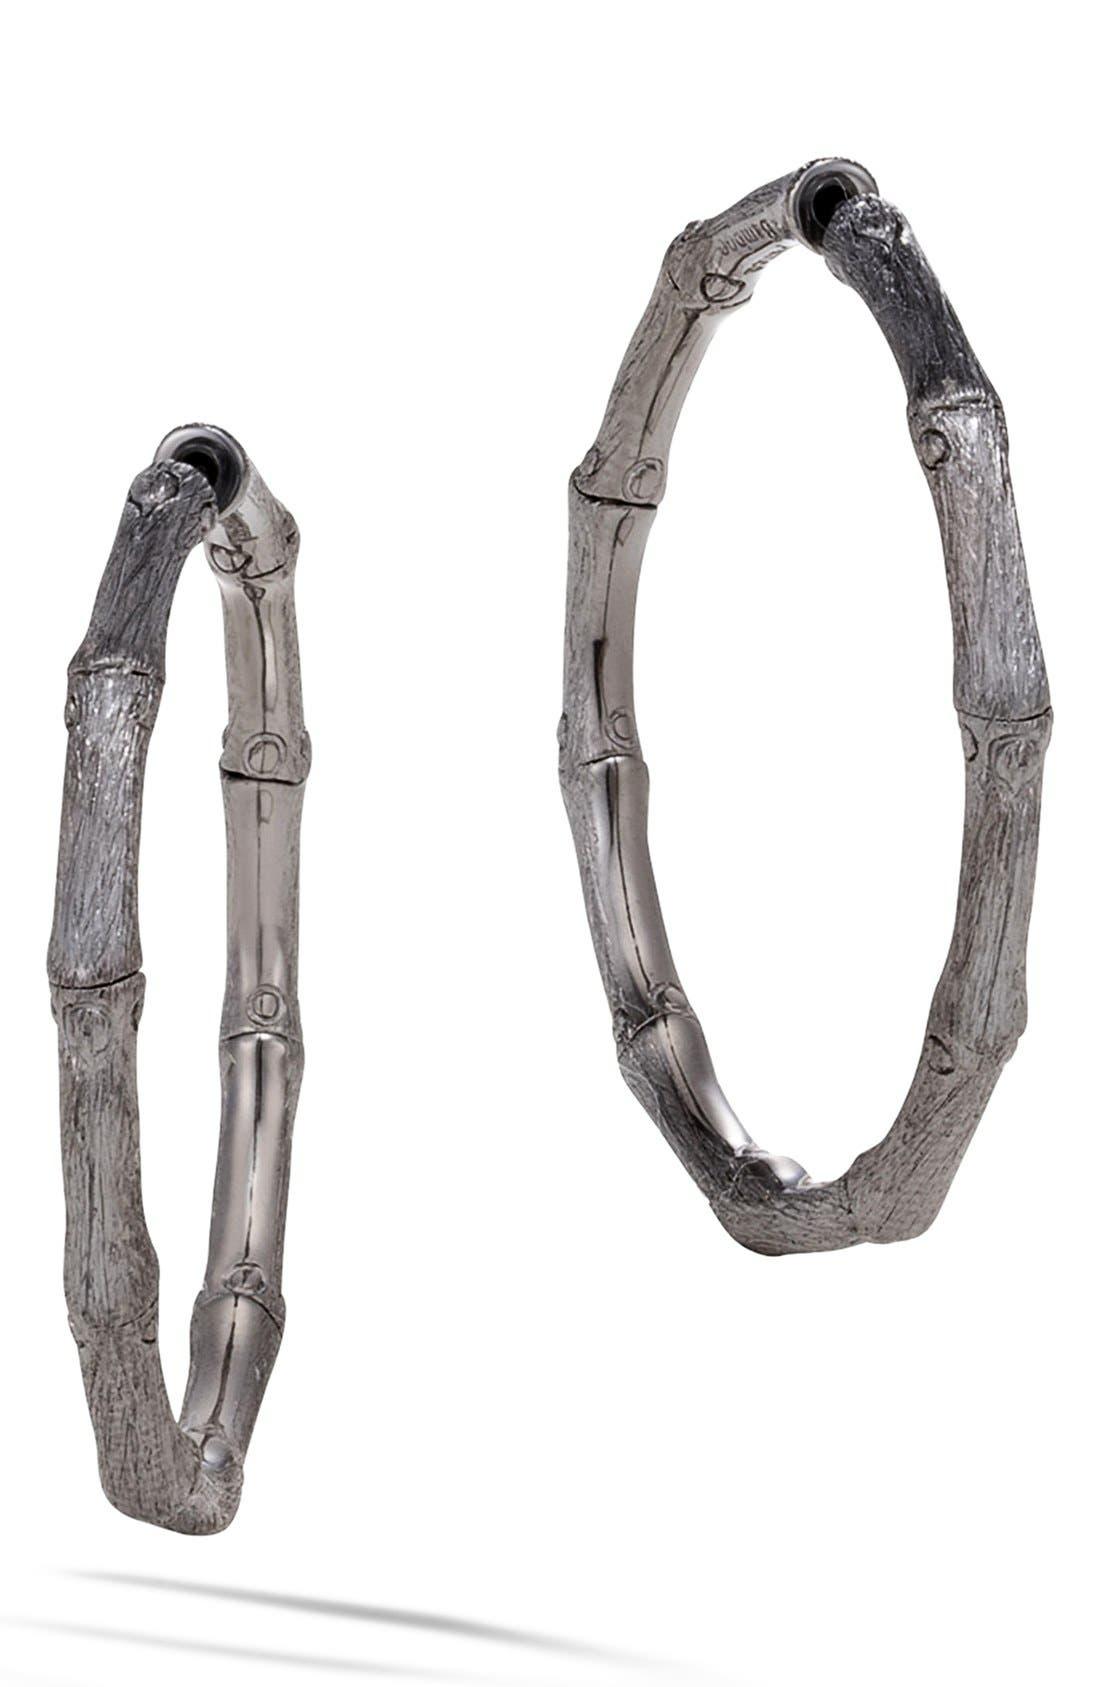 Bamboo Medium Hoop Earrings,                             Main thumbnail 1, color,                             Silver/ Black Rhodium